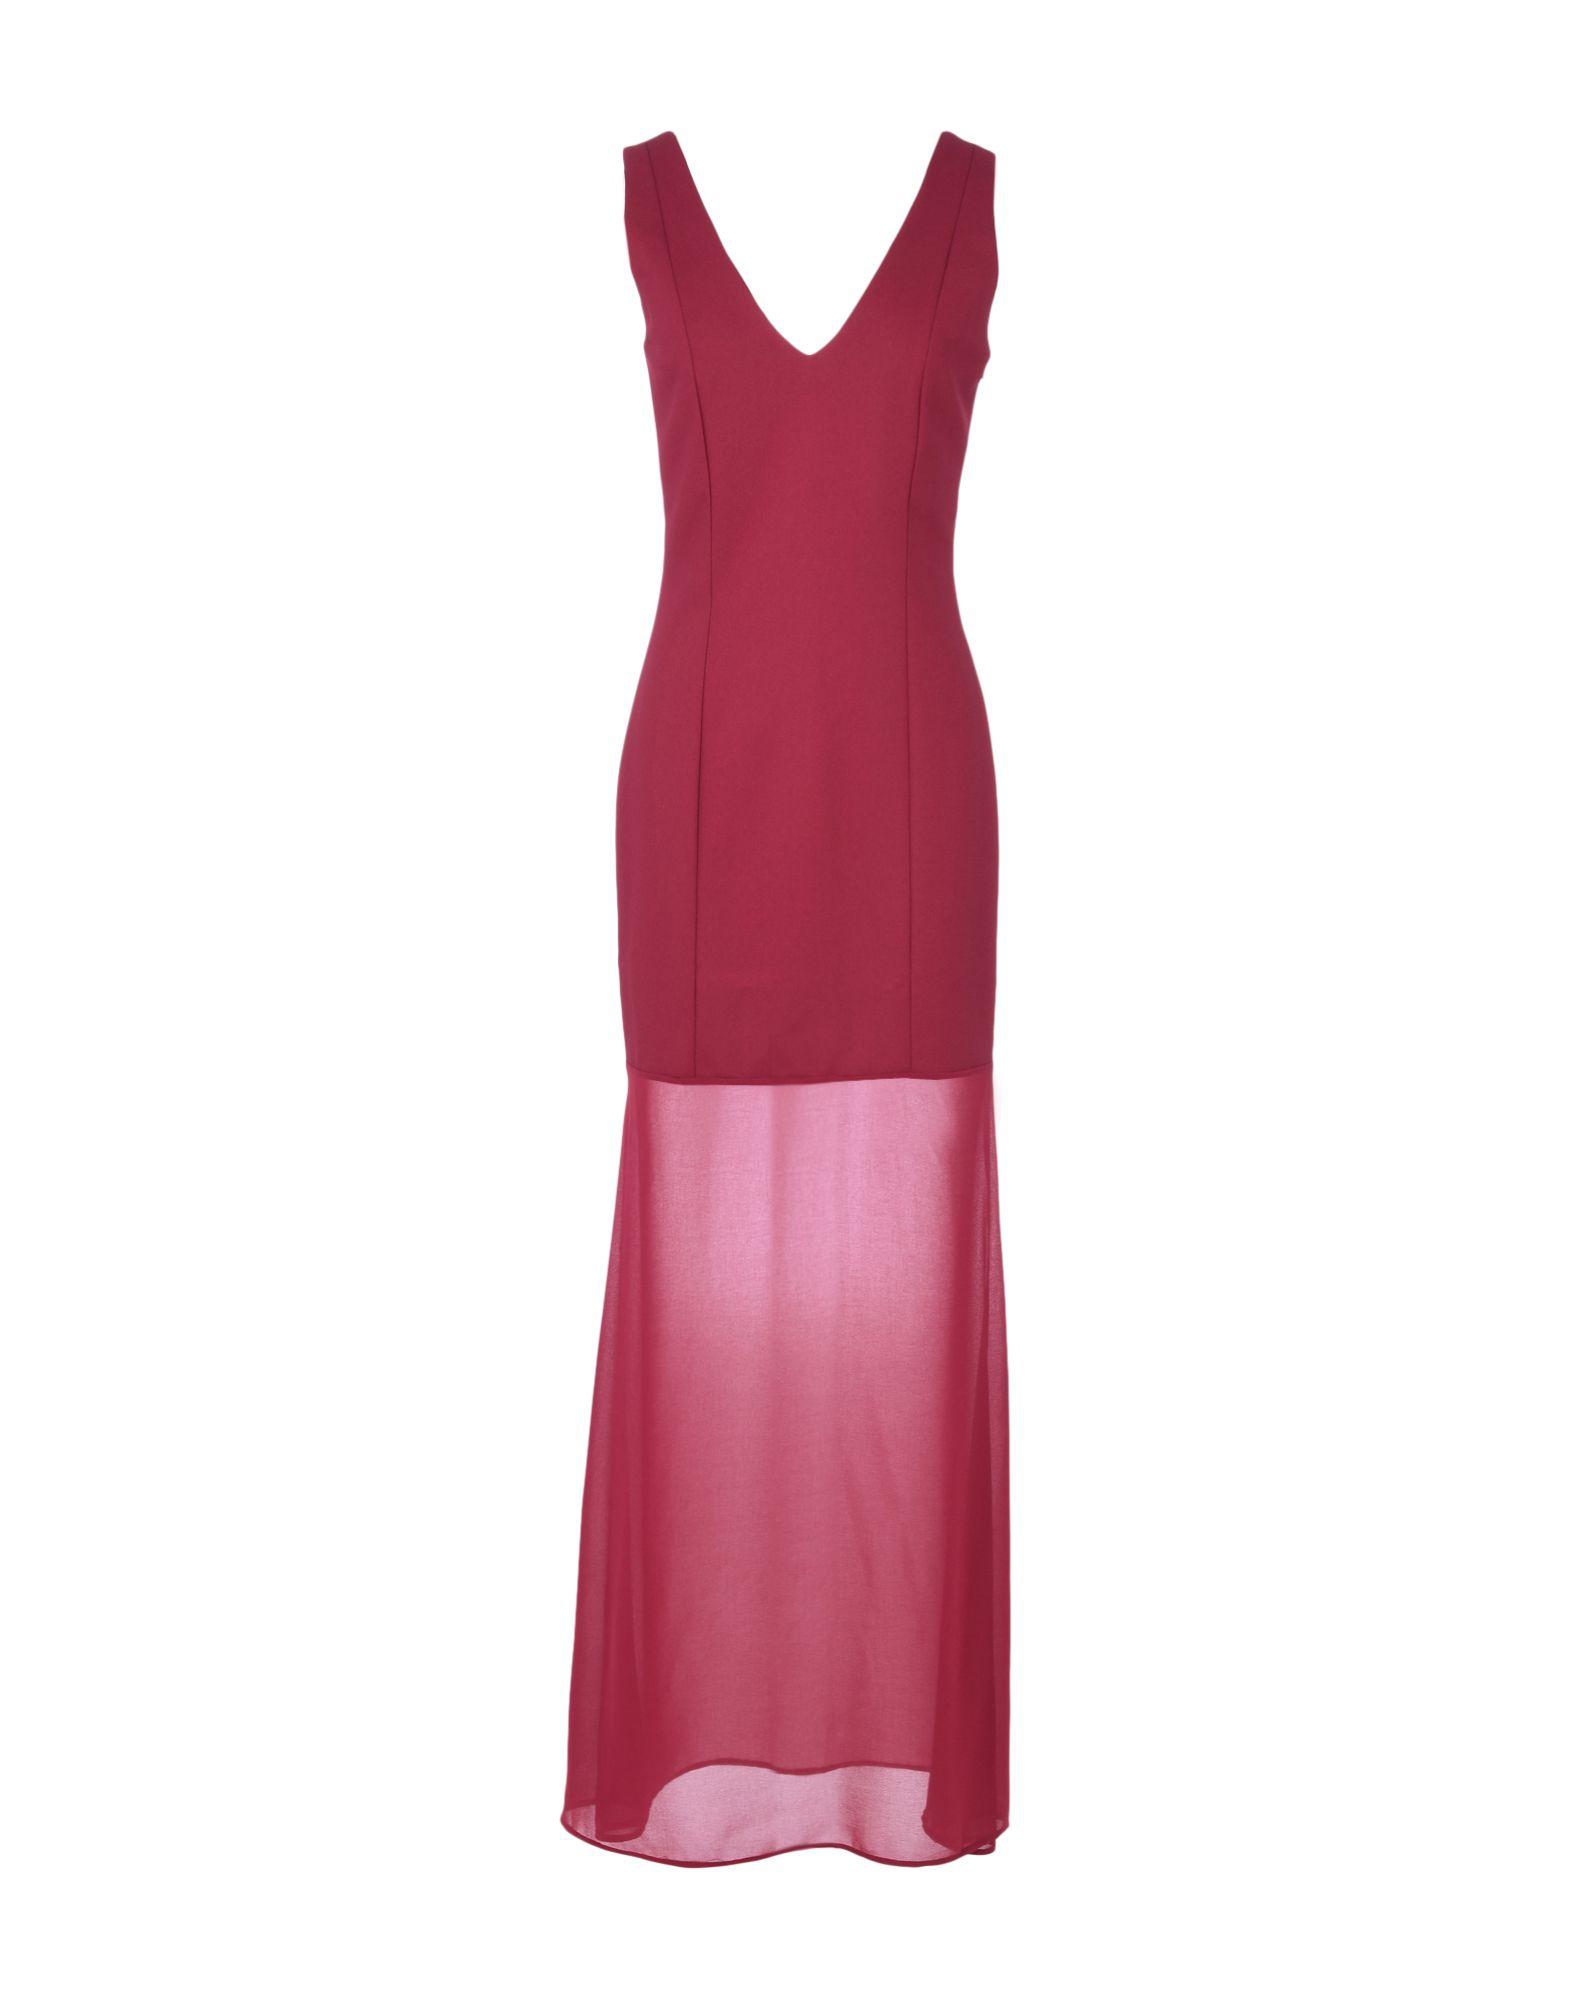 Vestito Lungo Space Style Concept Donna - Acquista online su I1qZltbCV